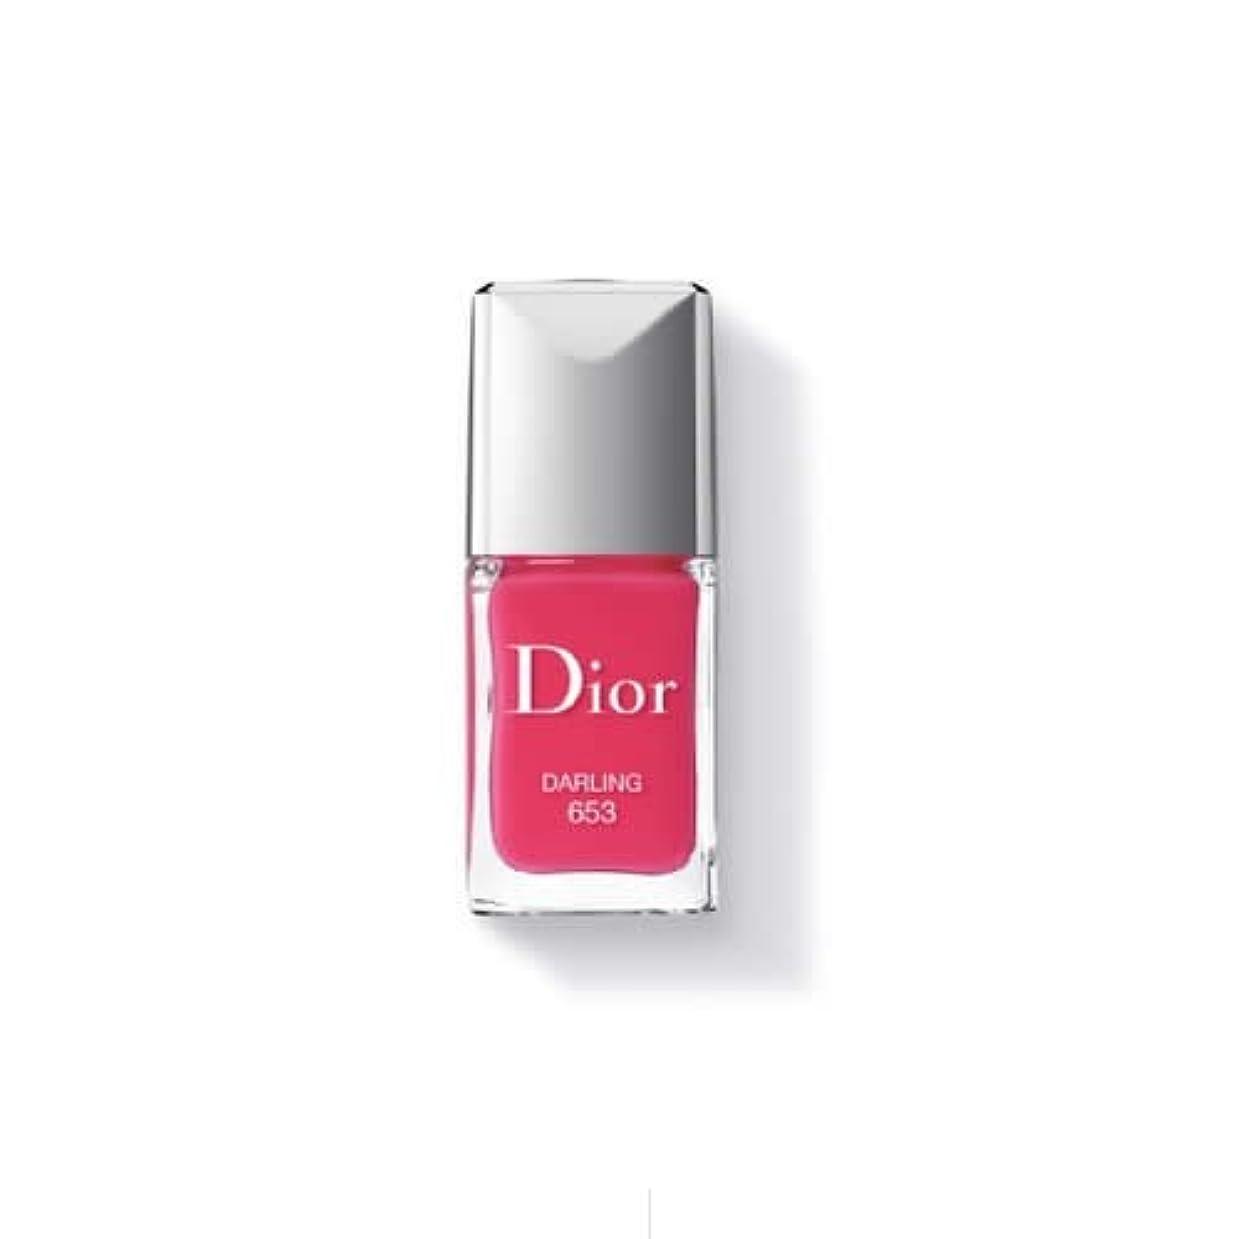 リンク火山お香ディオール ヴェルニ #653 ダーリン 10ml クリスチャン ディオール Christian Dior 訳あり